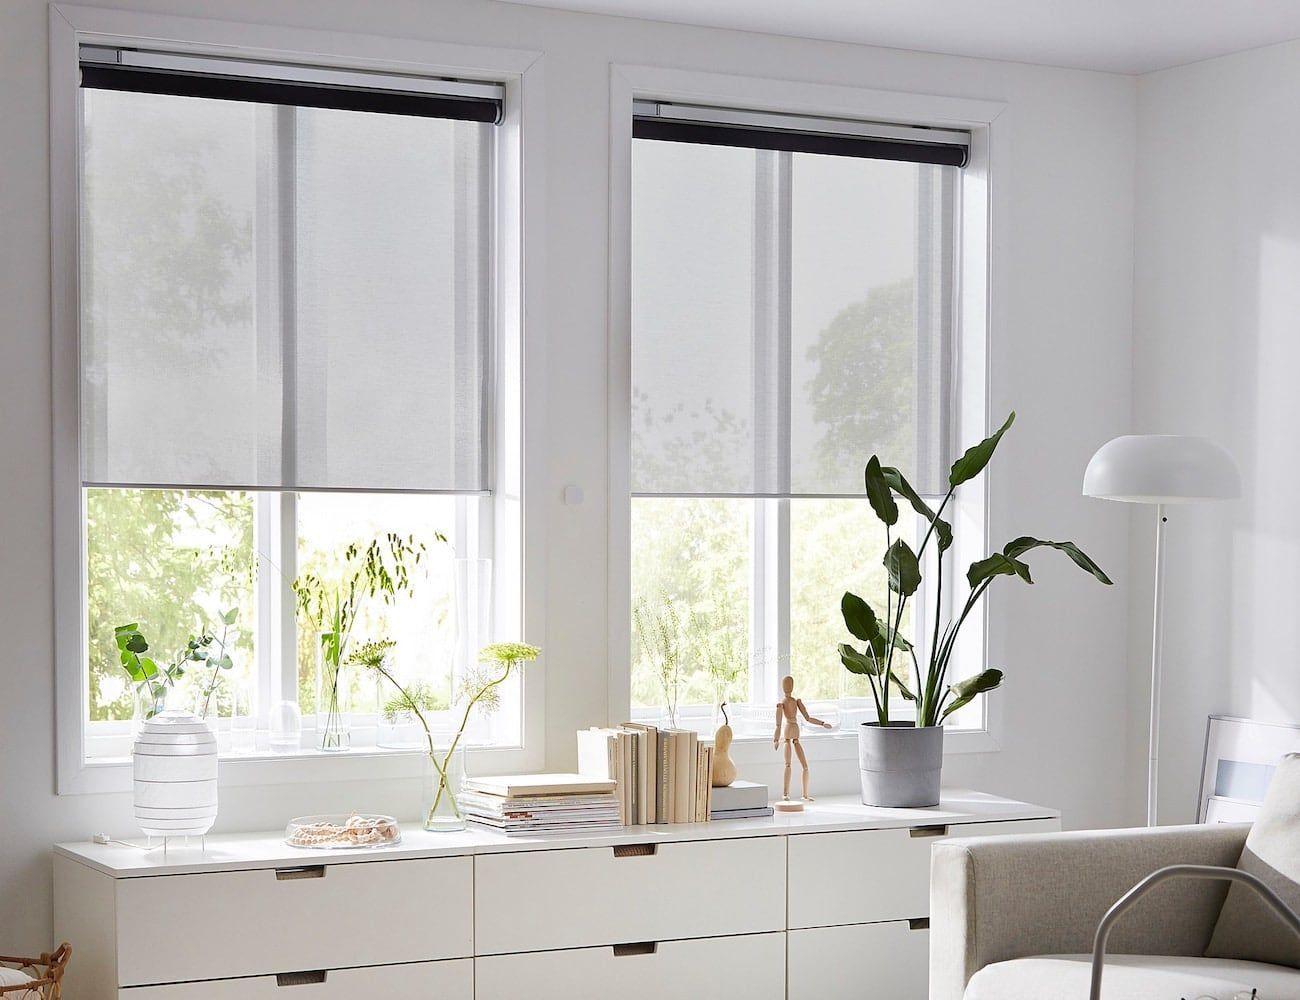 Ikea Smart Window Blinds Smart Blinds Blinds For Windows Blinds